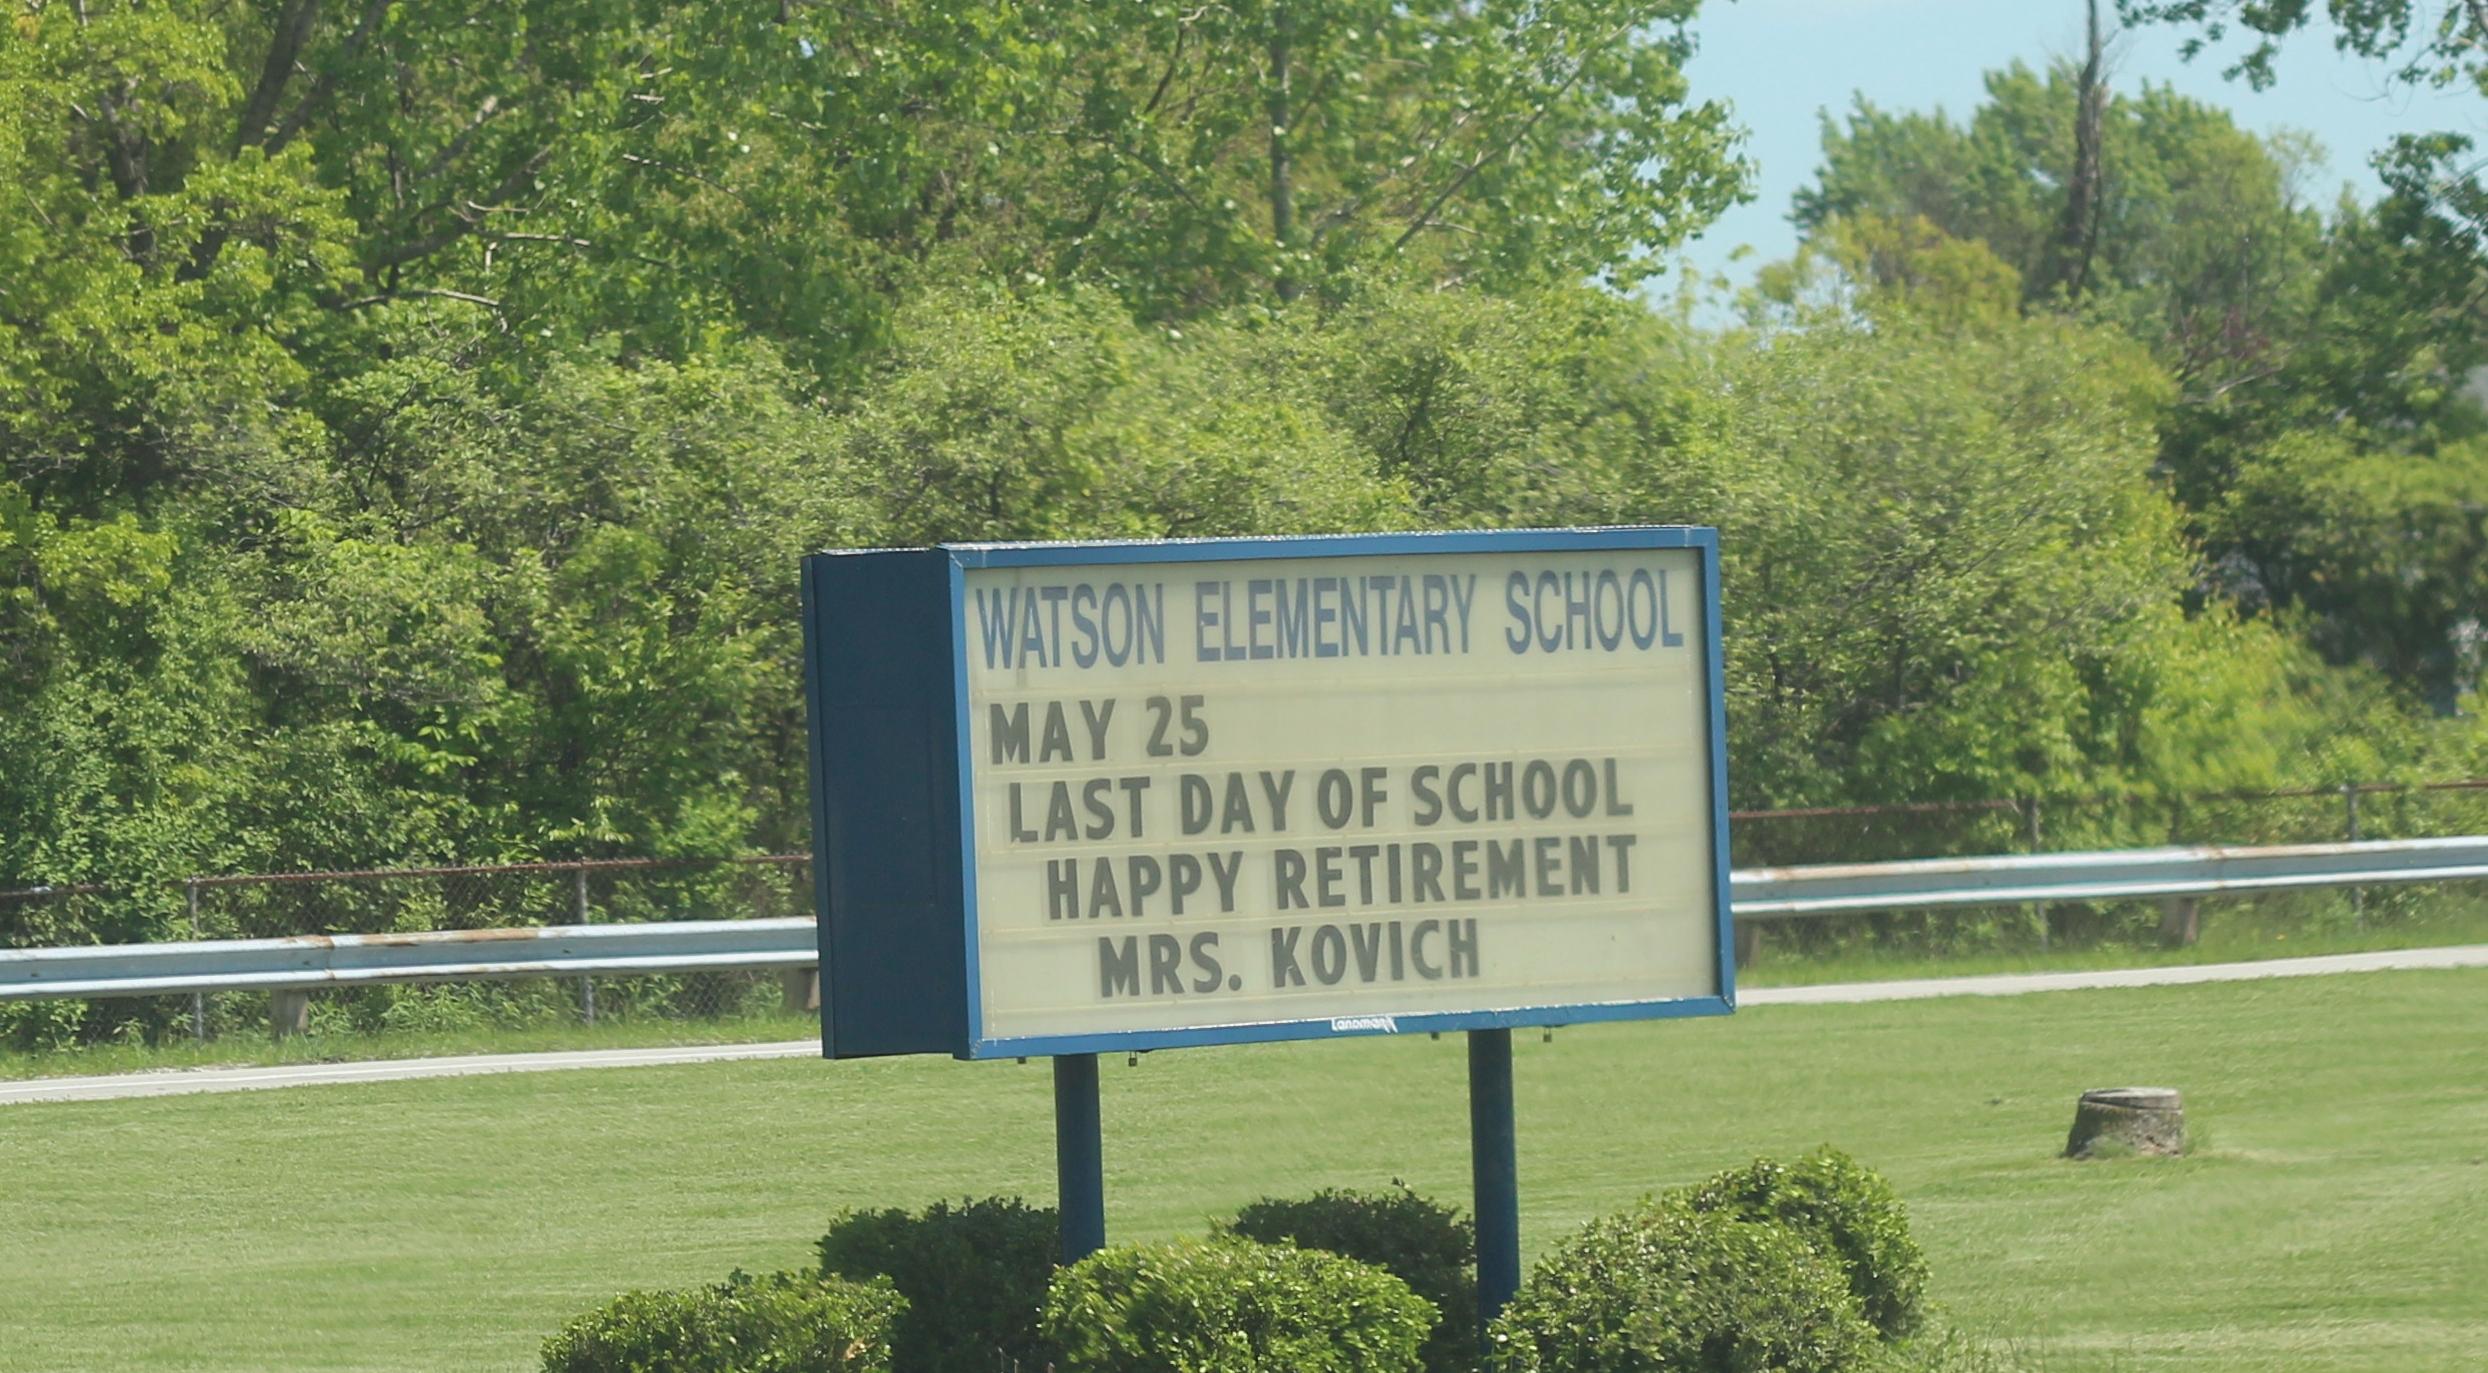 A sign outside Watson